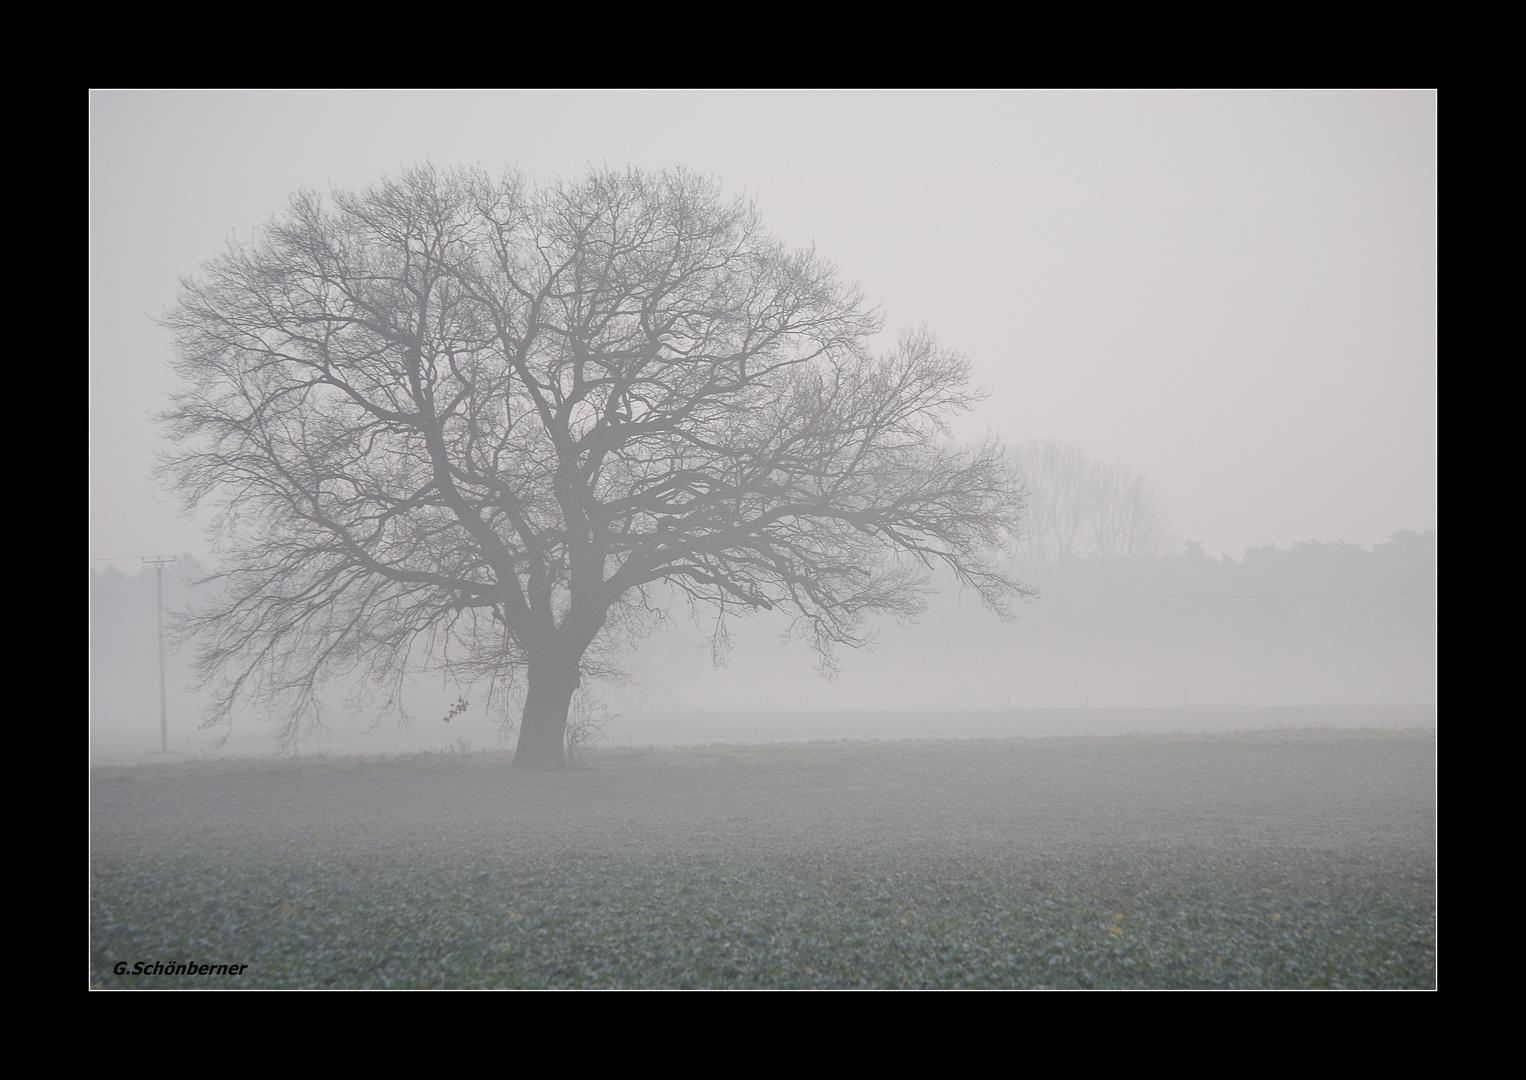 Der Nebel im Herbst !